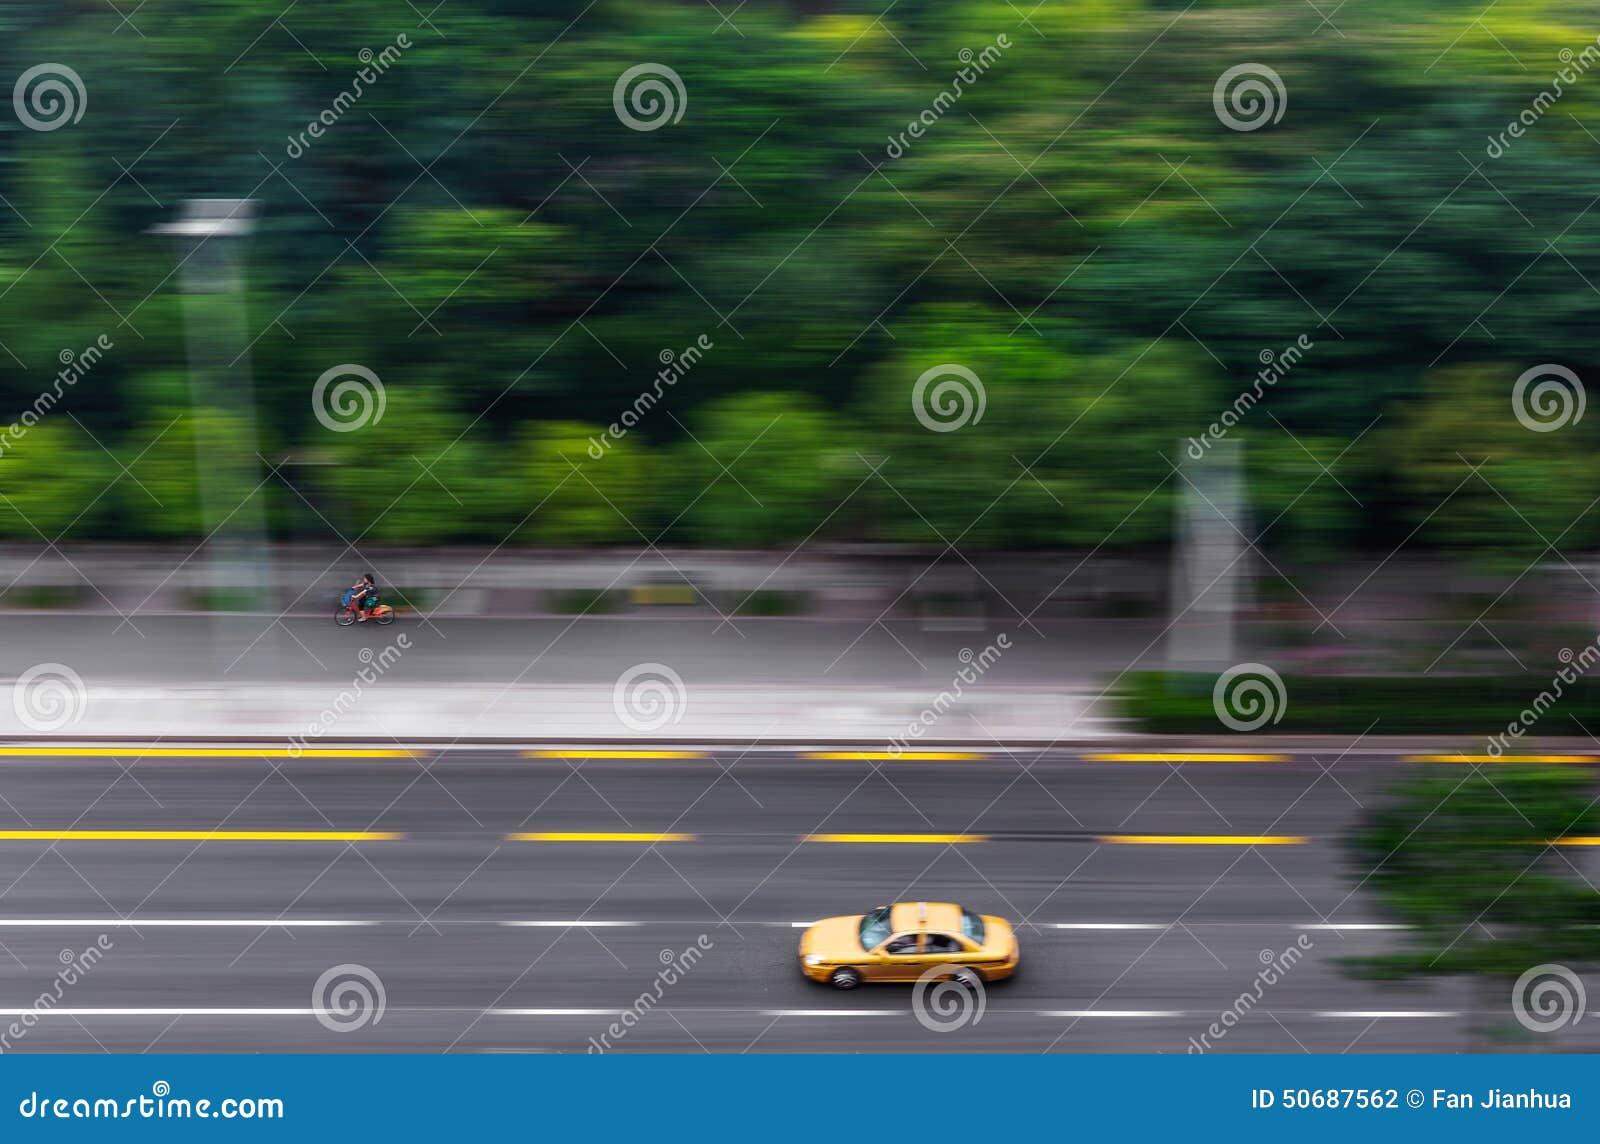 Download 路的城市斋戒交通 库存照片. 图片 包括有 运输, 符号, 模糊, 业务量, 发展, 城市, 街市, 方向 - 50687562